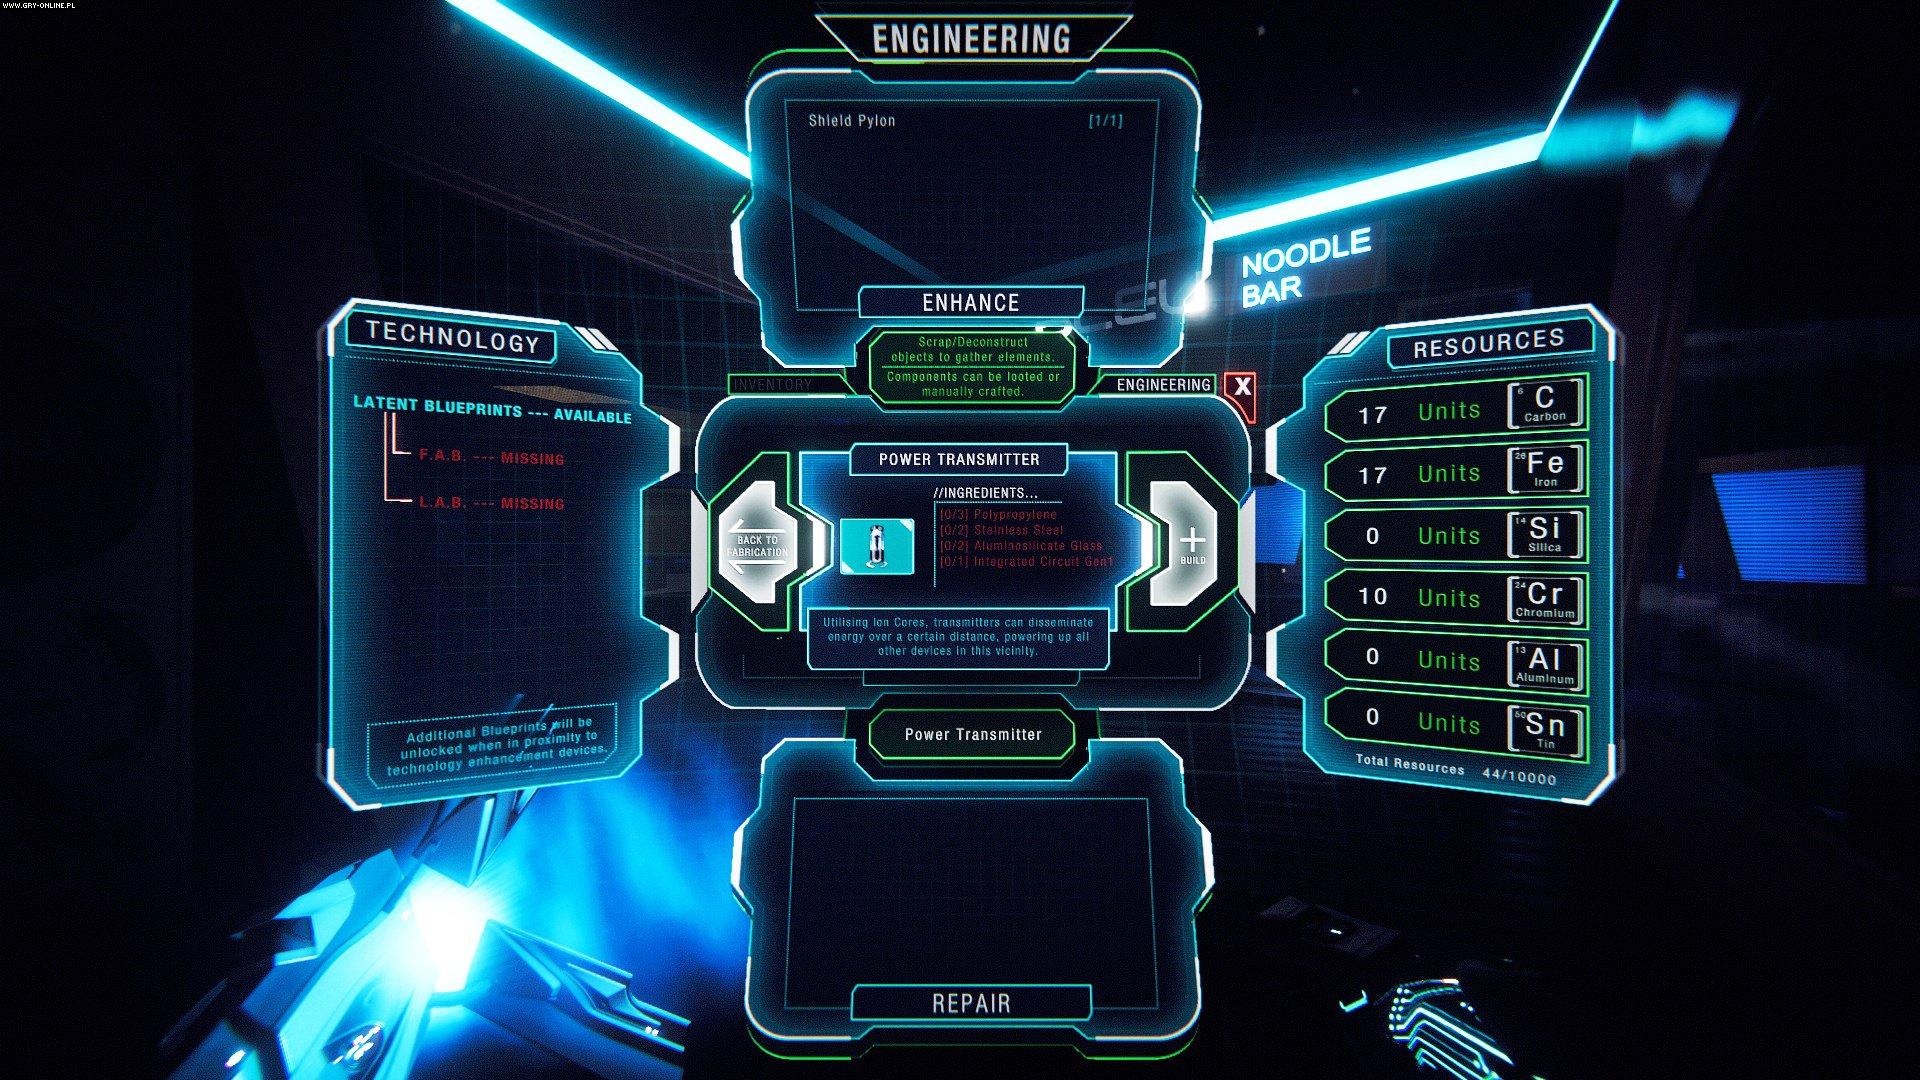 Lointain Jeu Pc Telechargement - Buspcastjong.gq intérieur Jeux Video Pc Gratuit Sans Telechargement